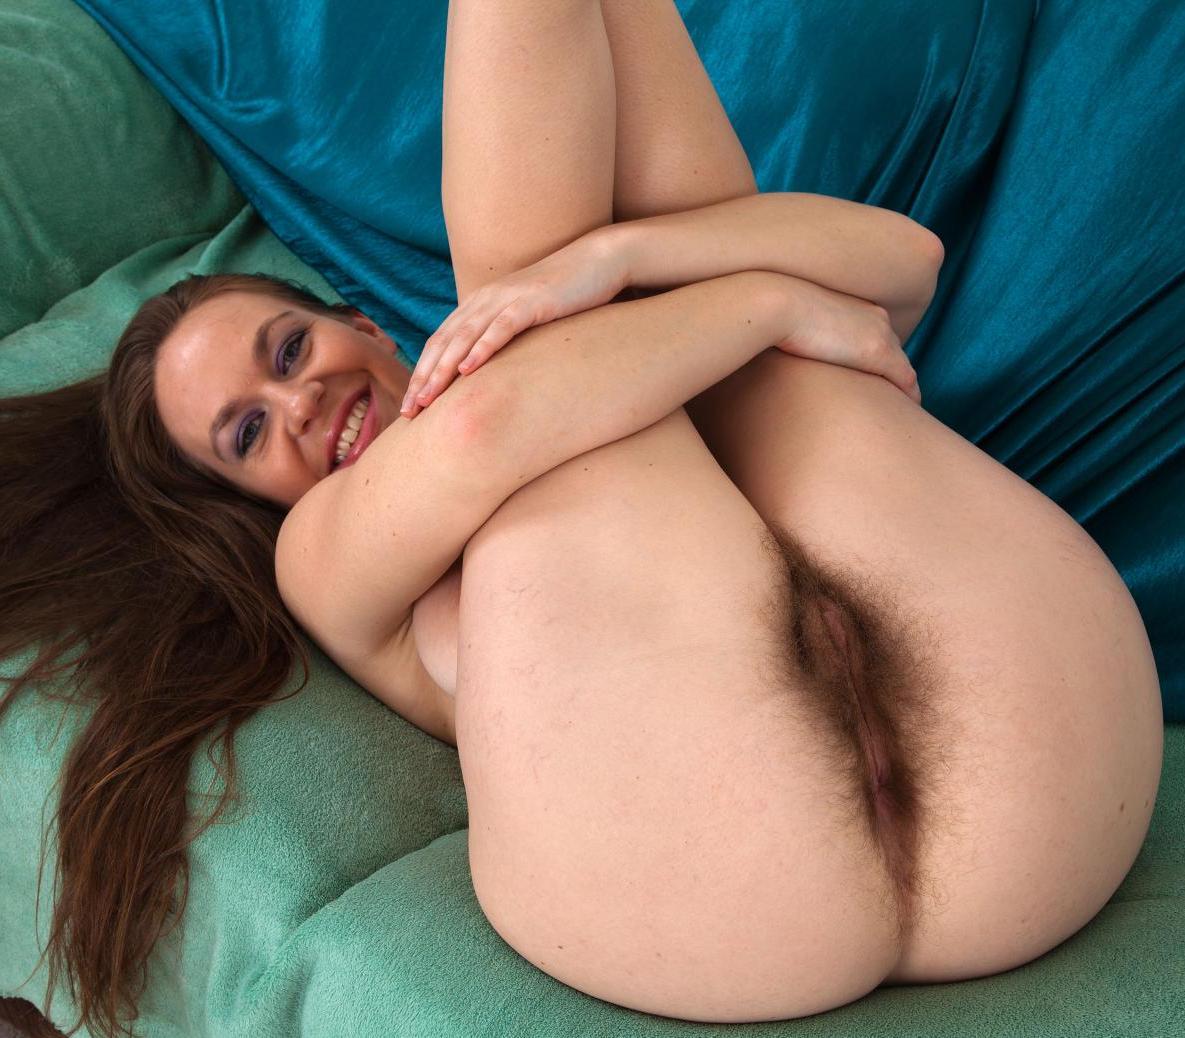 Porn image online